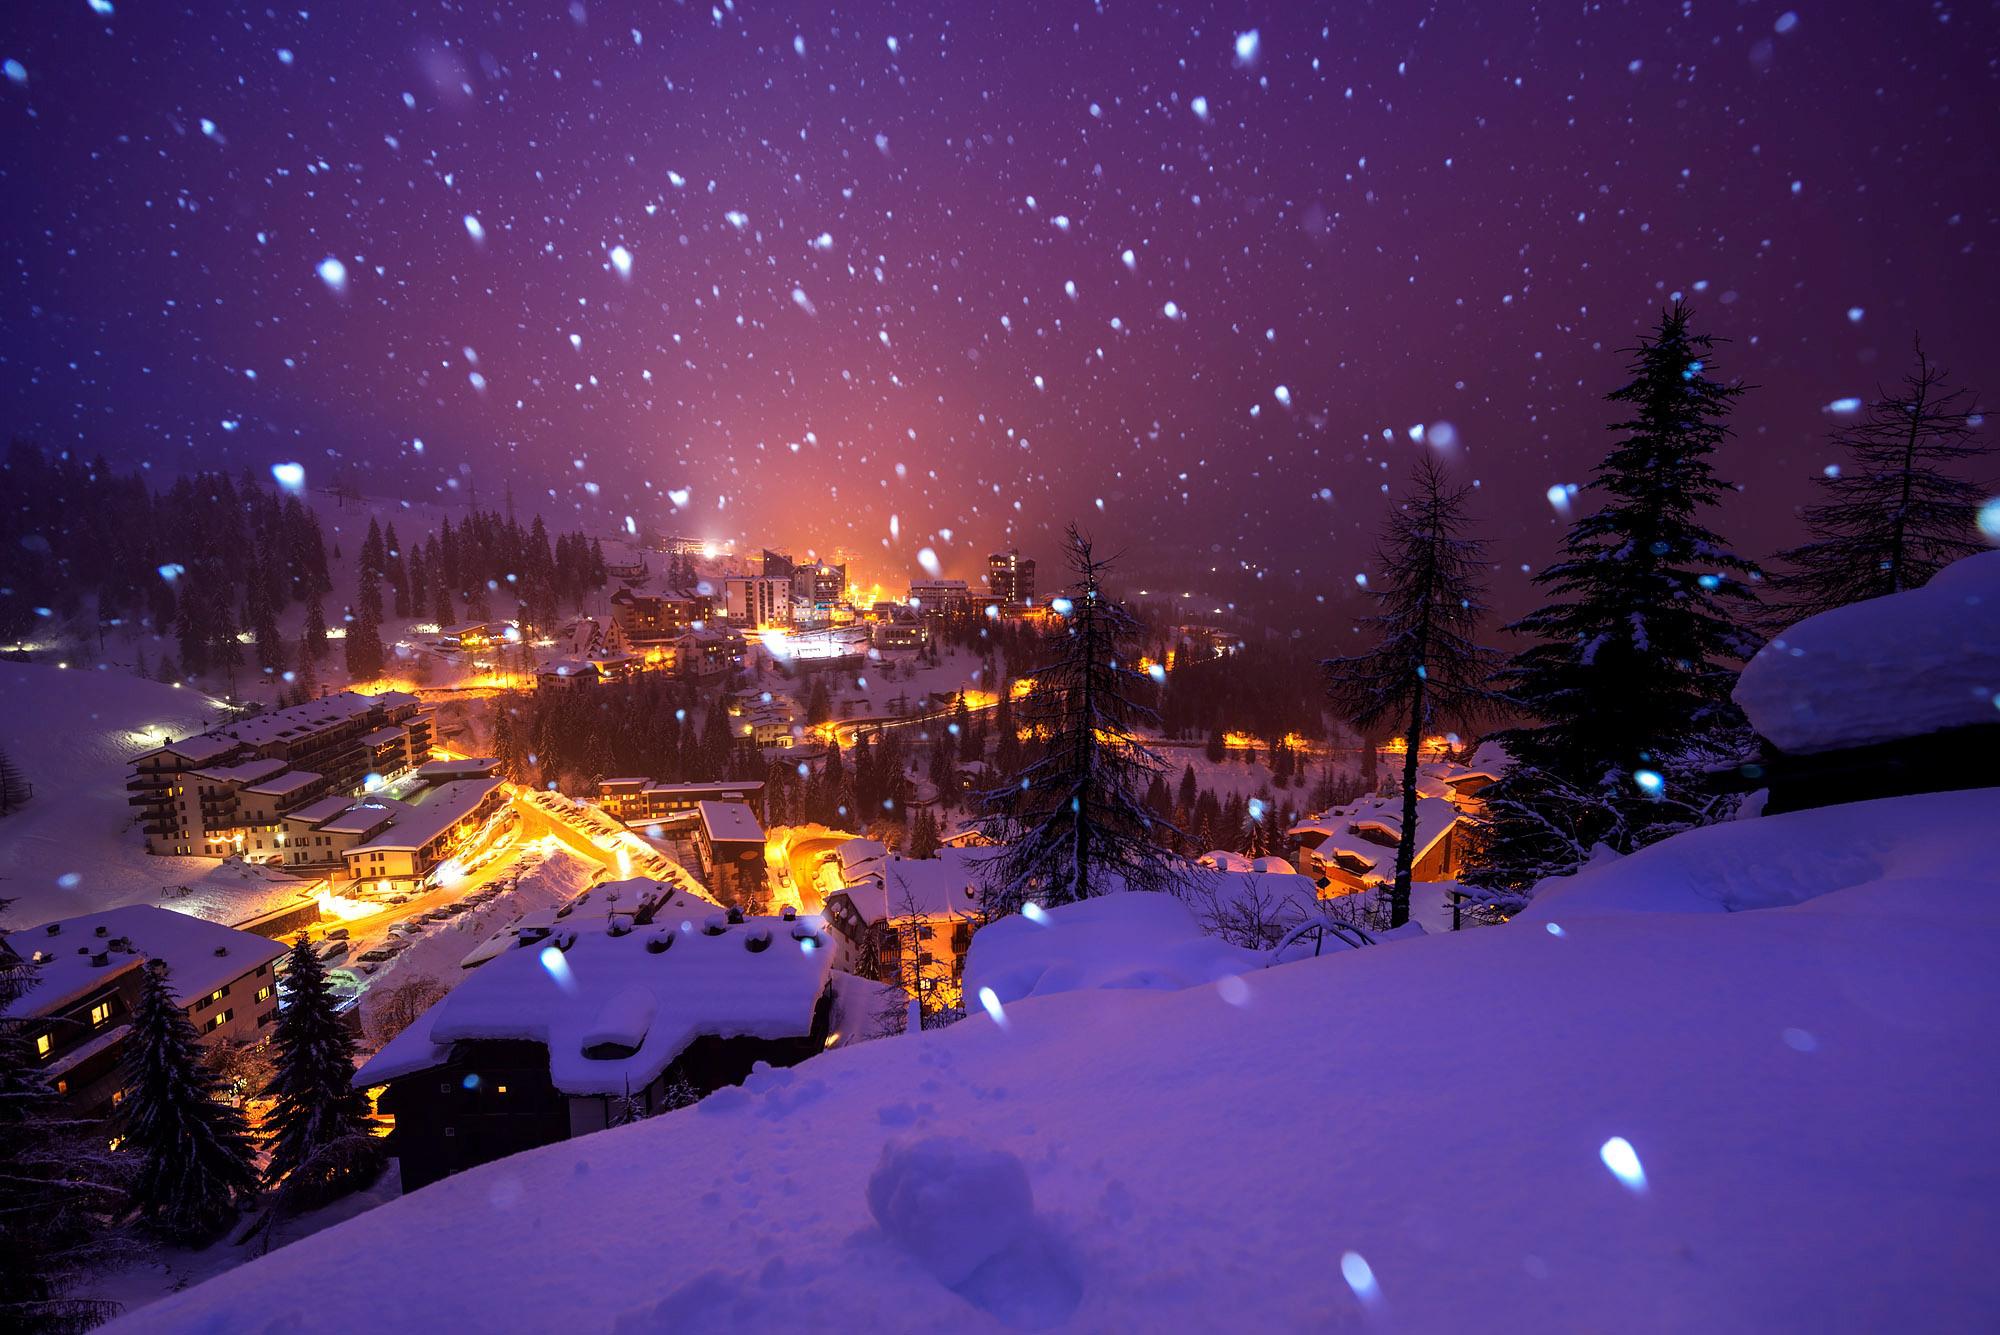 снежная ночь в городе фото маргарин порубите